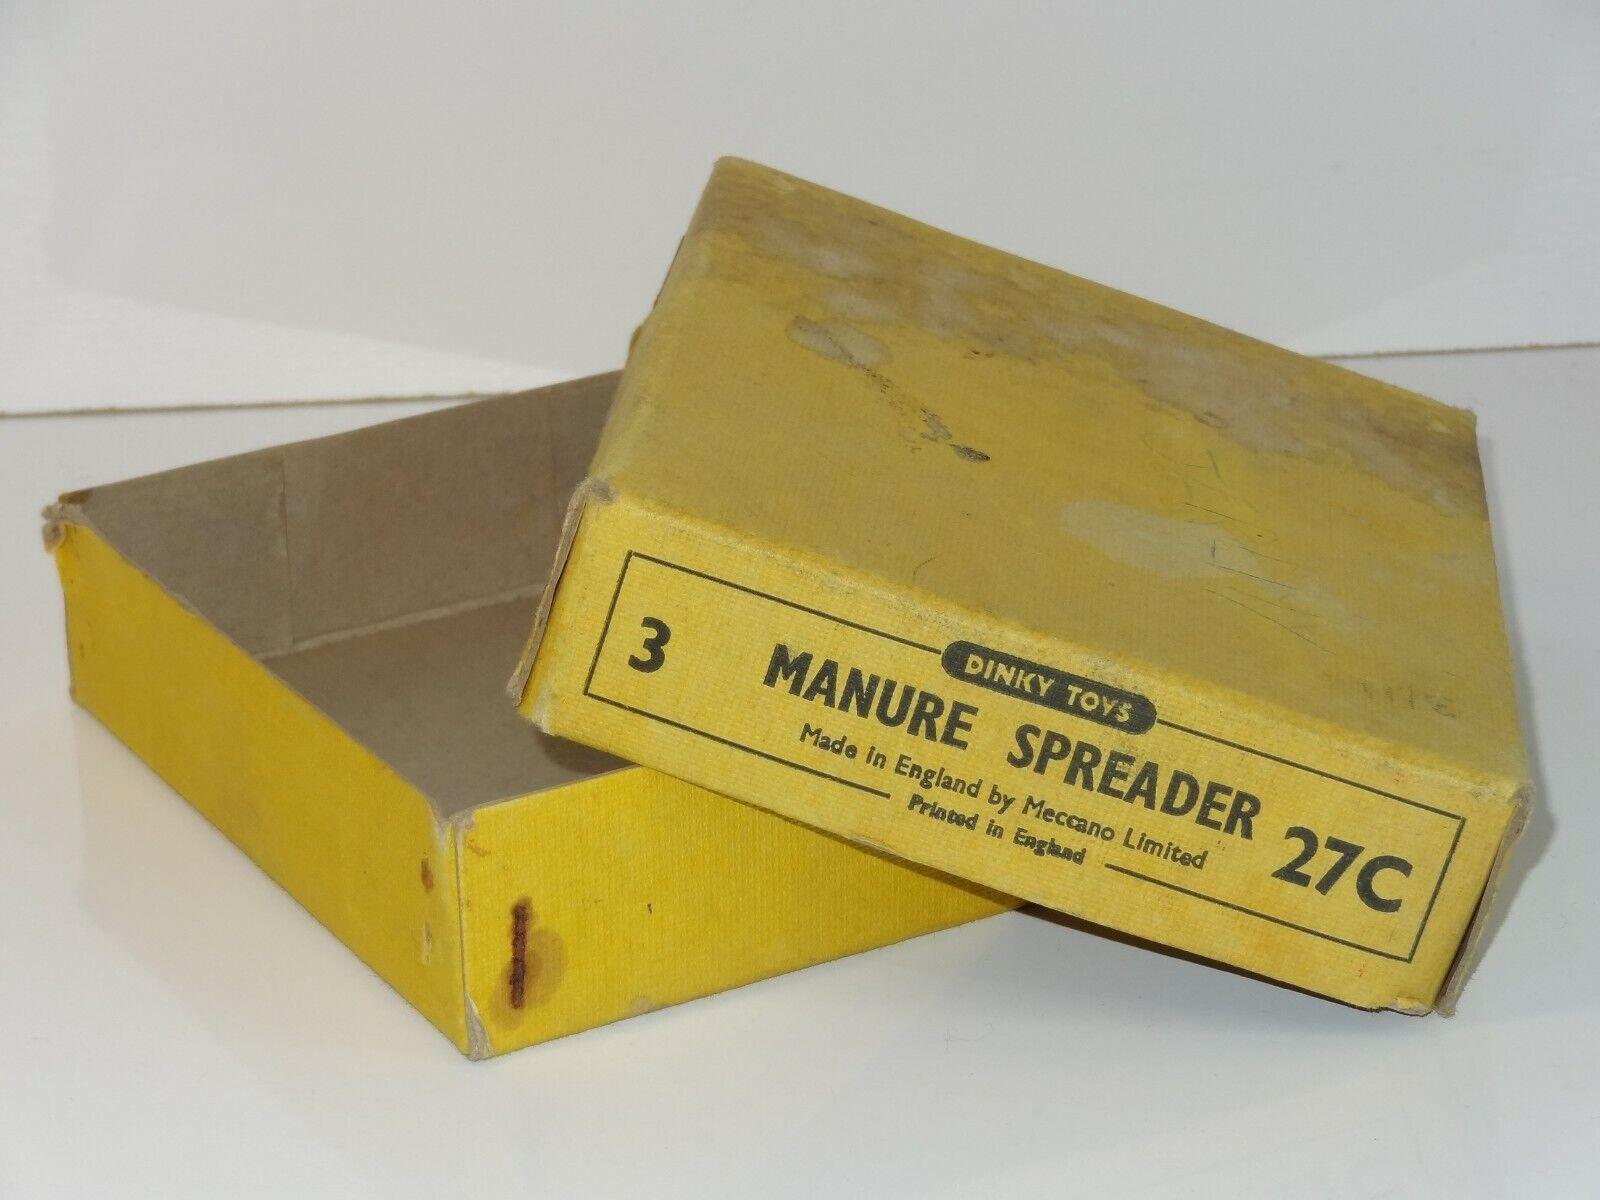 ventas directas de fábrica Dinky esparcidor de de de estiércol Vacío Caja - 27C Caja De Comercio  Con precio barato para obtener la mejor marca.